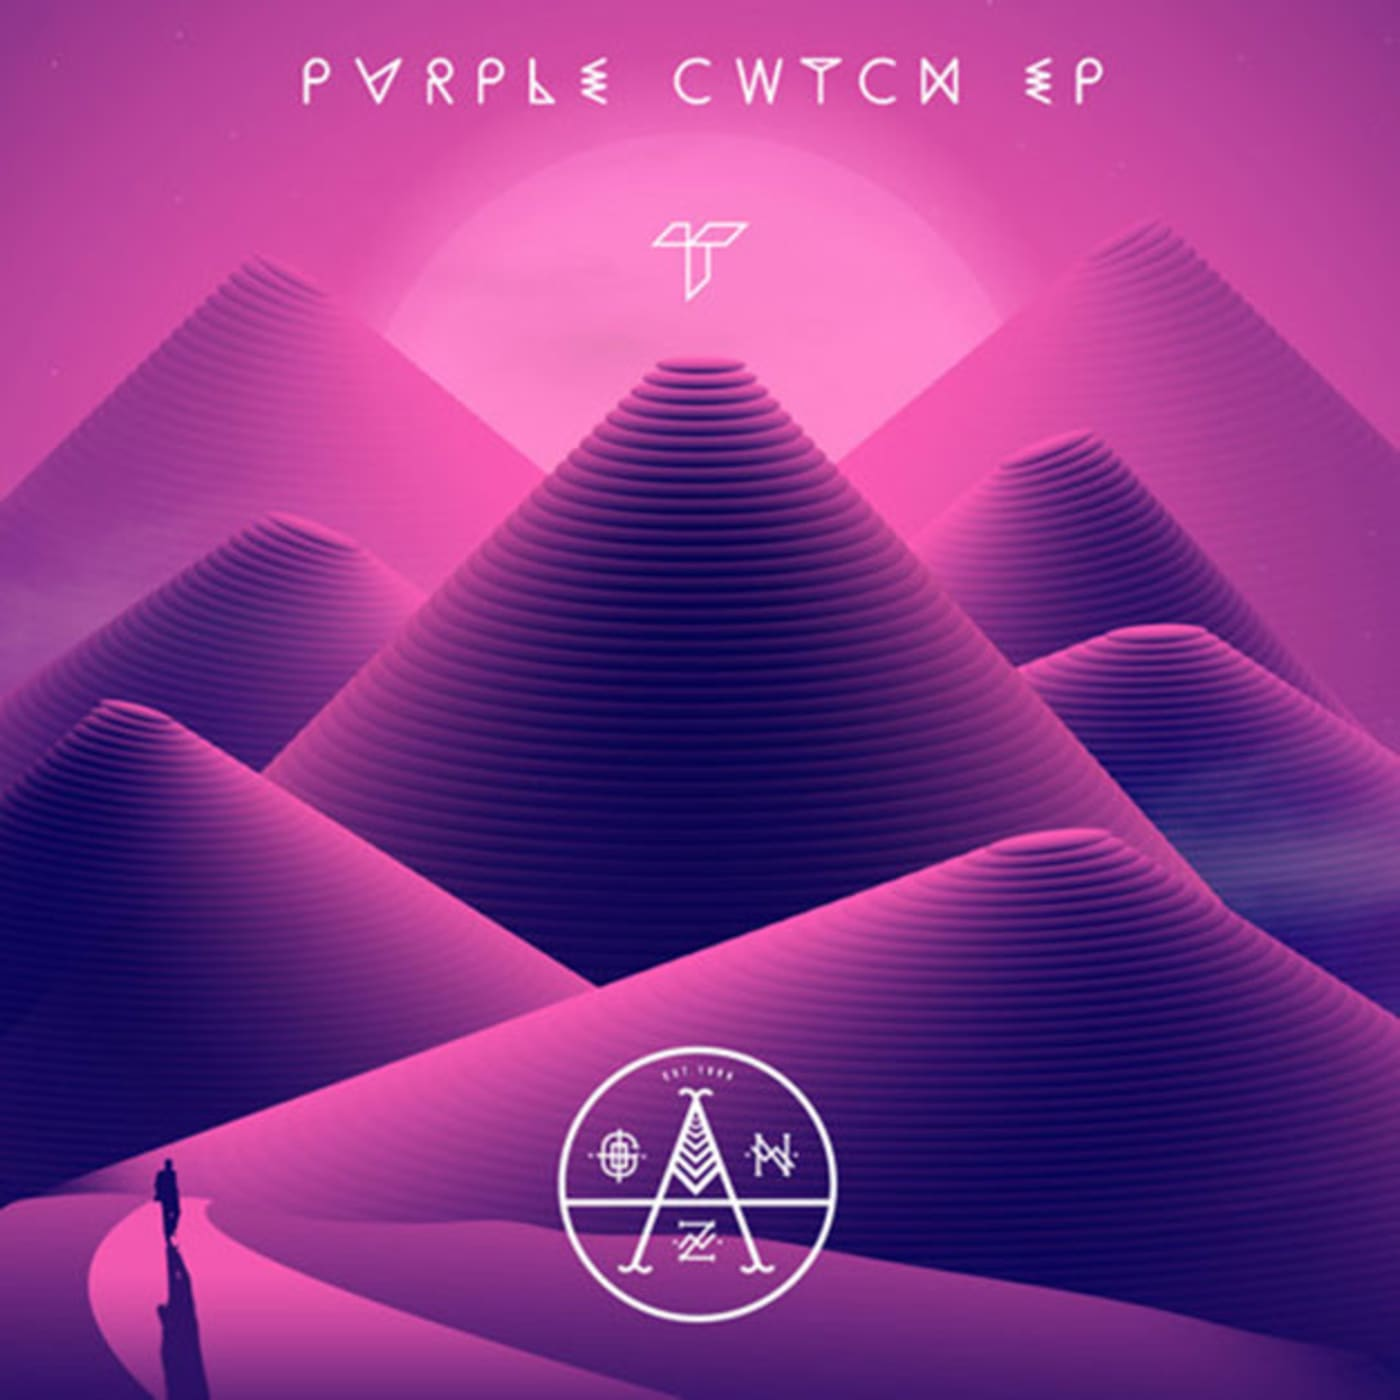 GANZ PVRPLE CWTCH EP